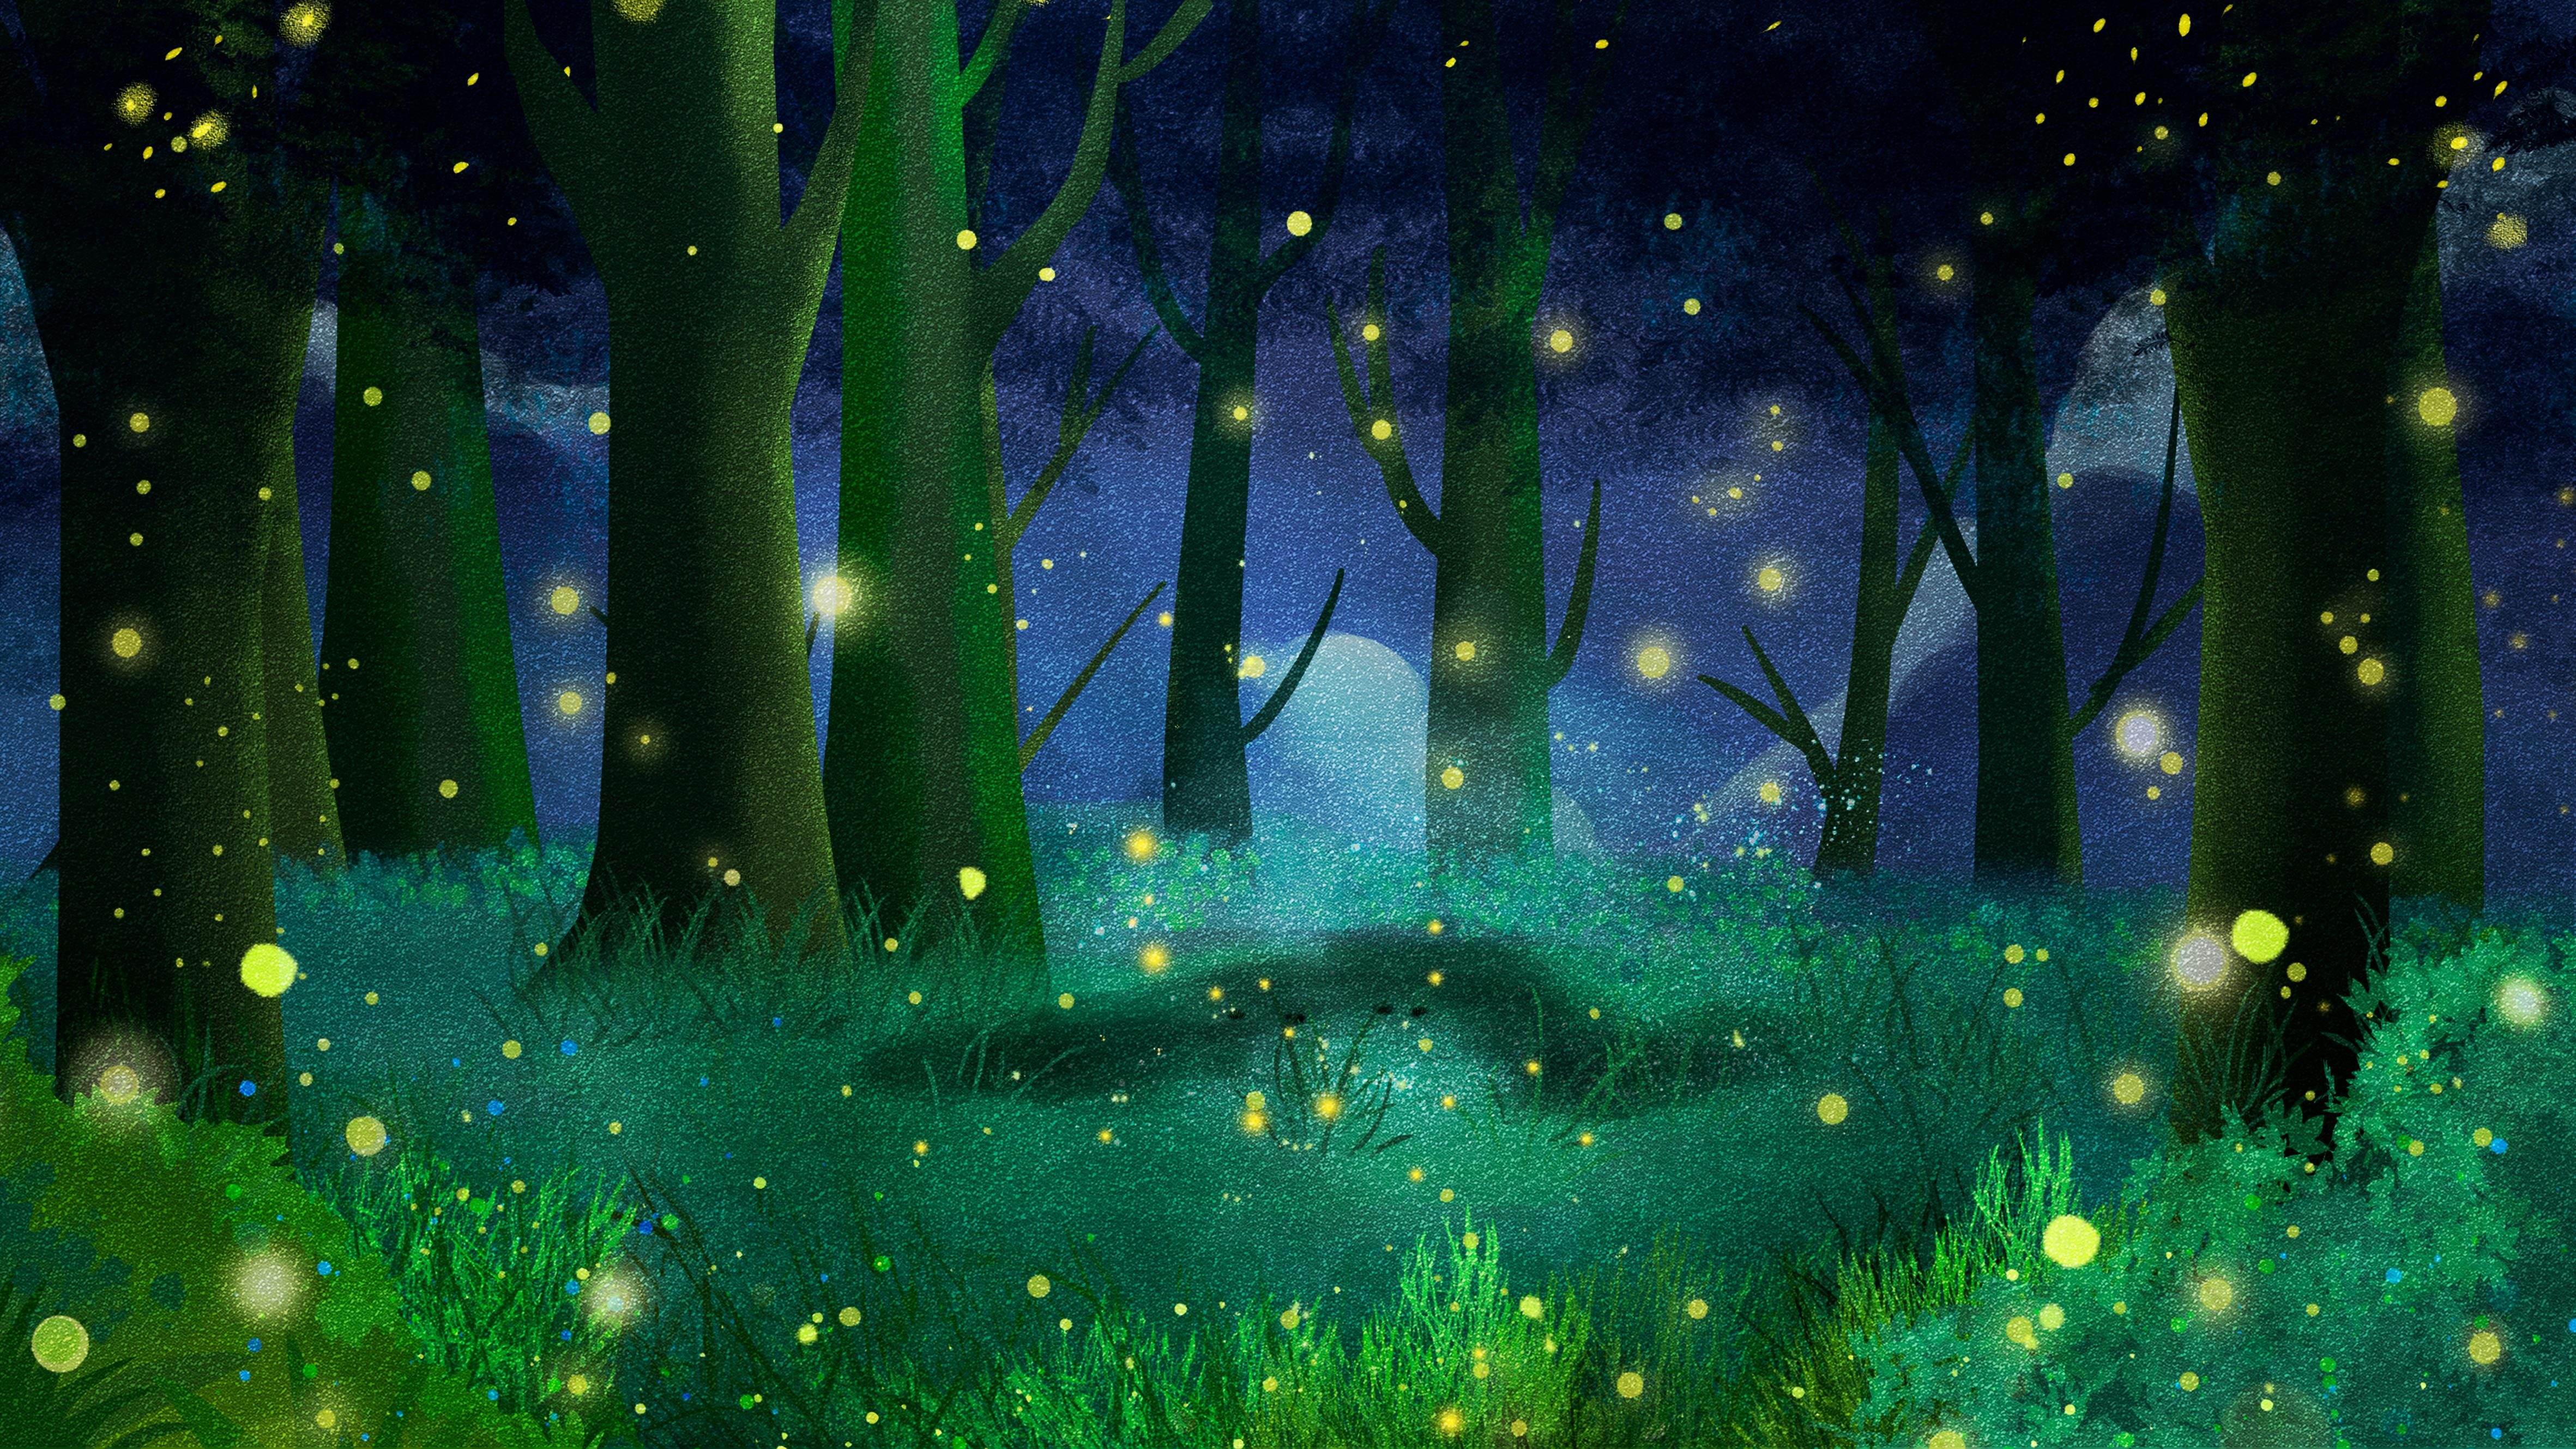 Сказочного утра картинки анимация красили вручную